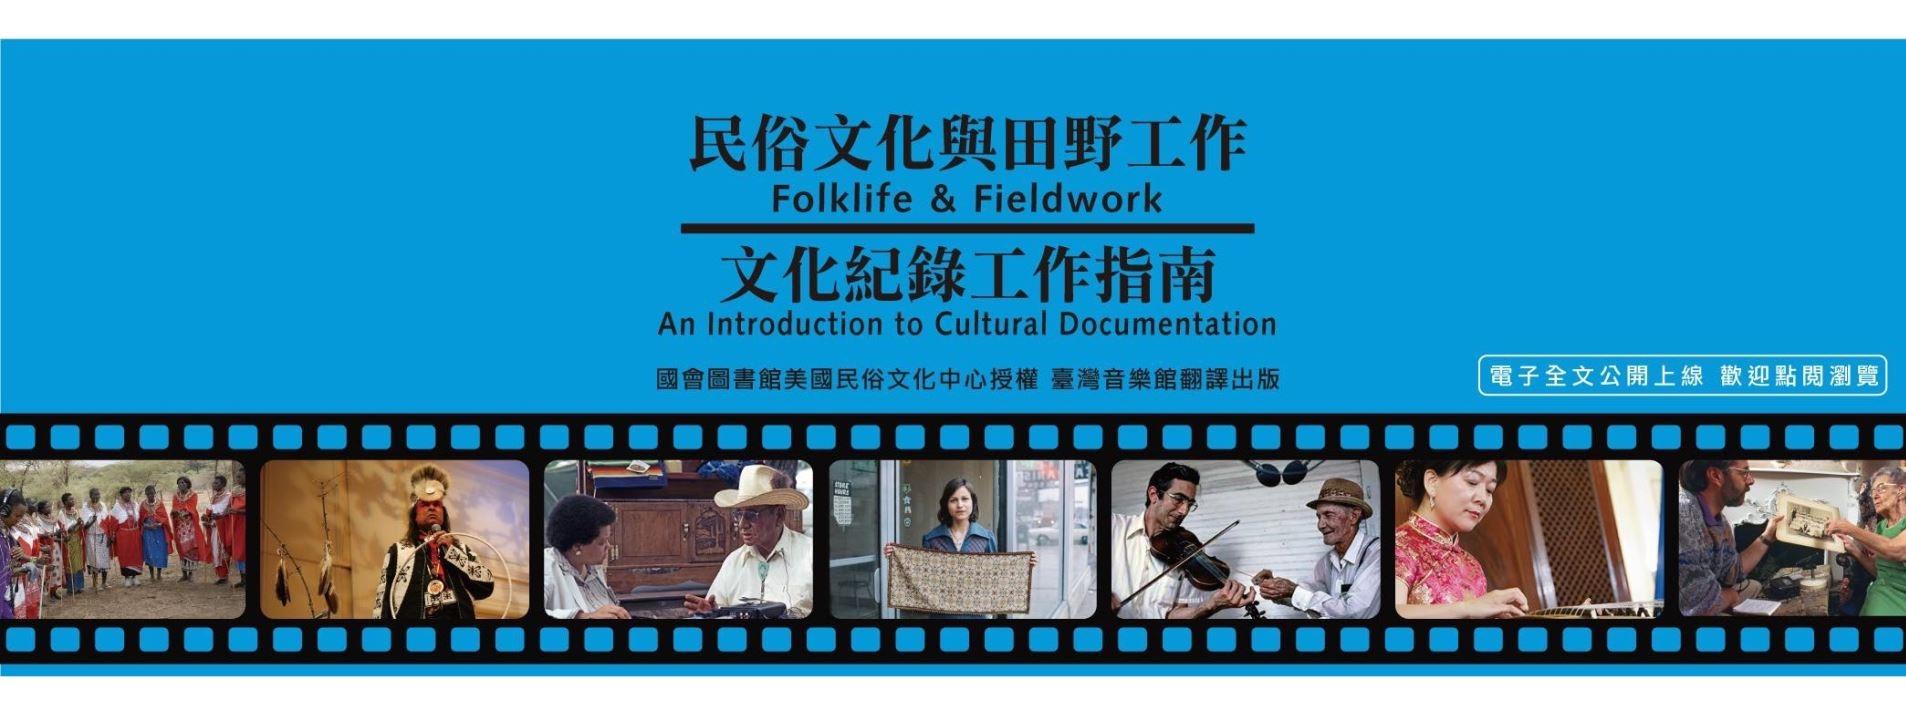 「民族文化とフィールドワーク:文化記録の手引き」の全文をダウンロードしてダウンロードできます「新しいウィンドウを開く」